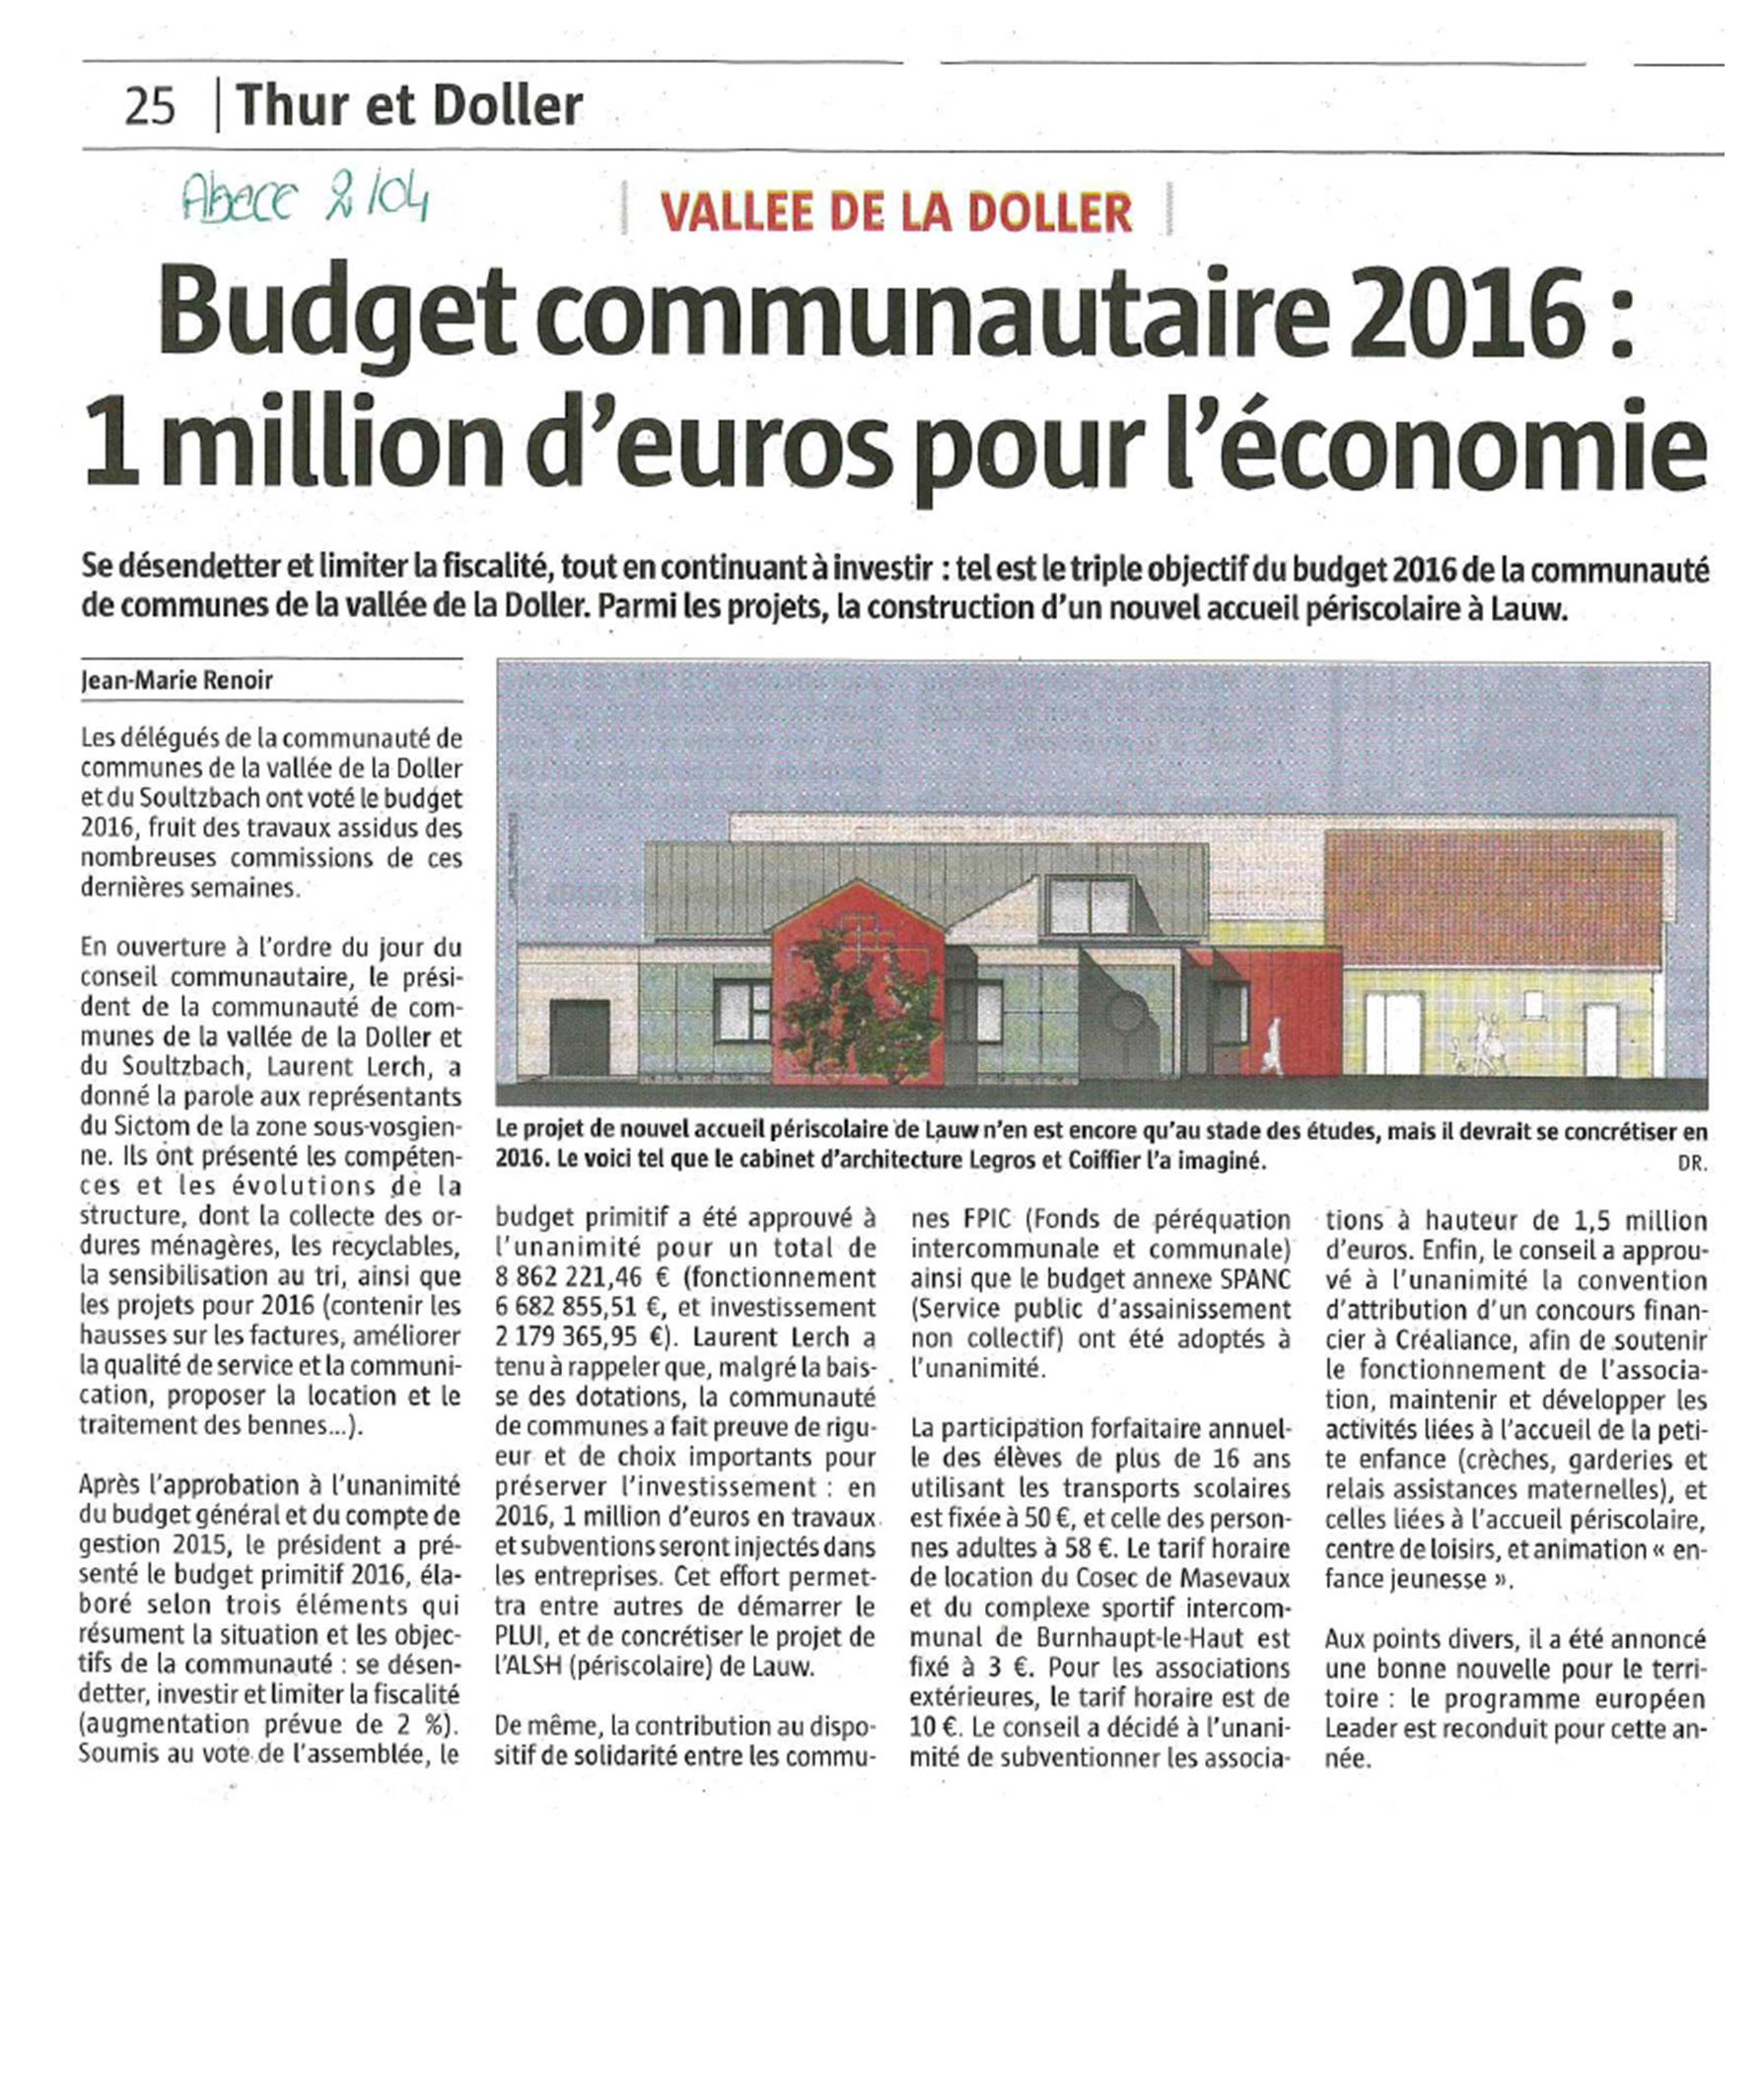 Conseil communautaire 30 mars 2016 - L'Alsace